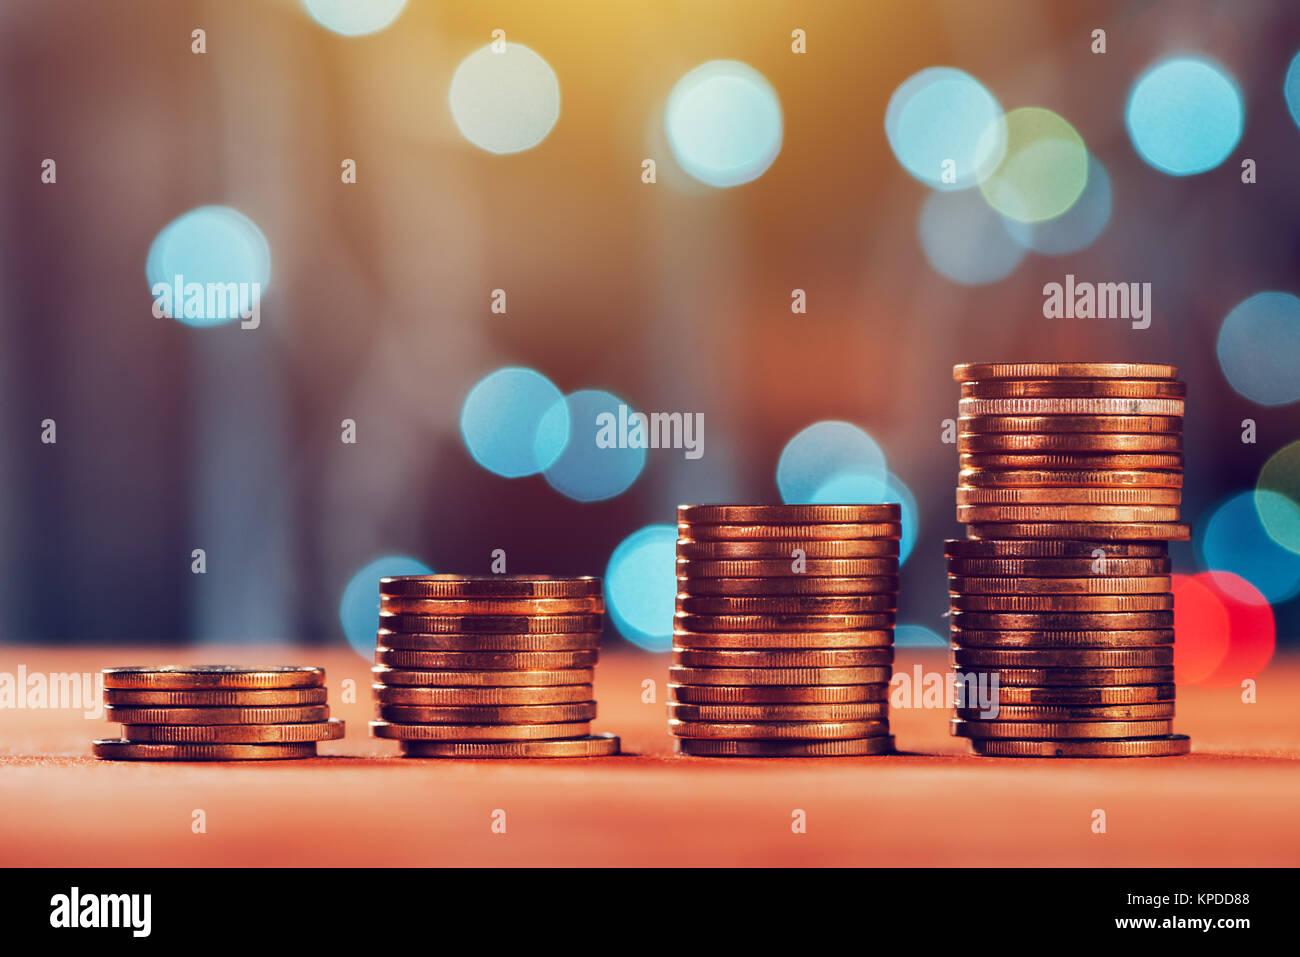 Ahorro de dinero concepto con pila de moneda y el aumento de columnas de moneda metálica Imagen De Stock